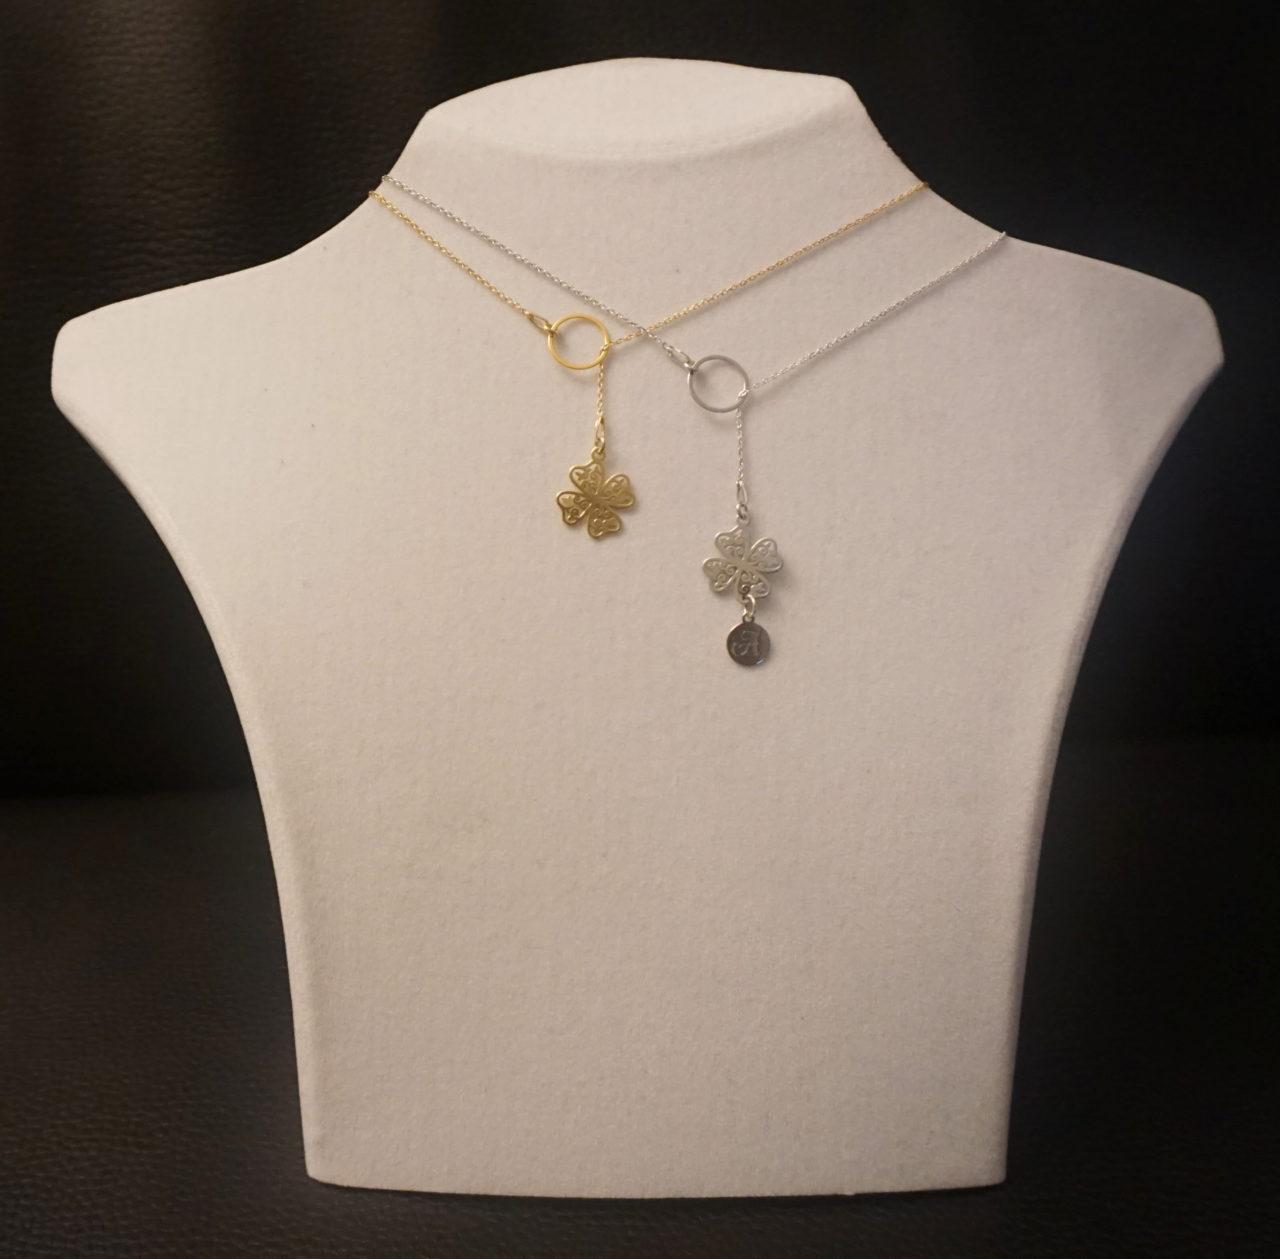 Halskette geteilt